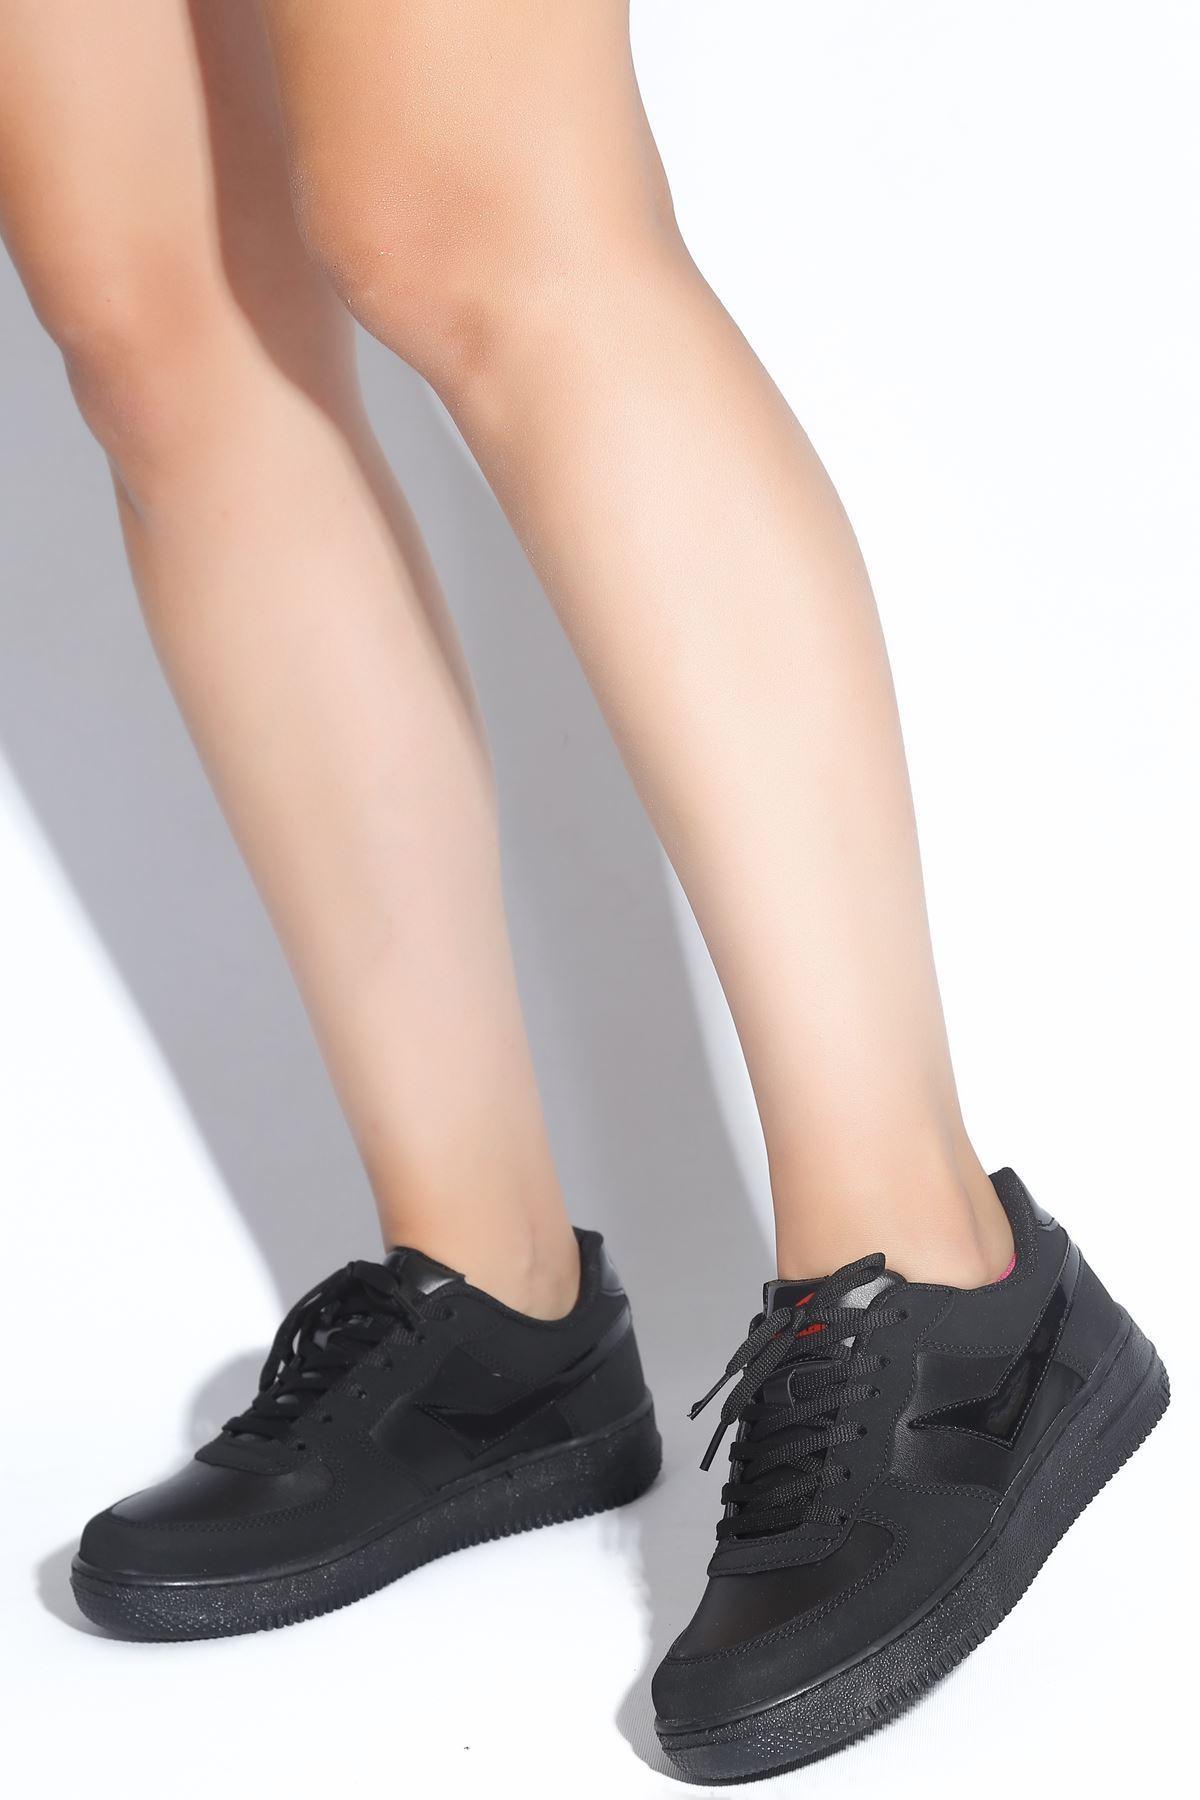 Hanna Siyah Süet Kadın Spor Ayakkabı